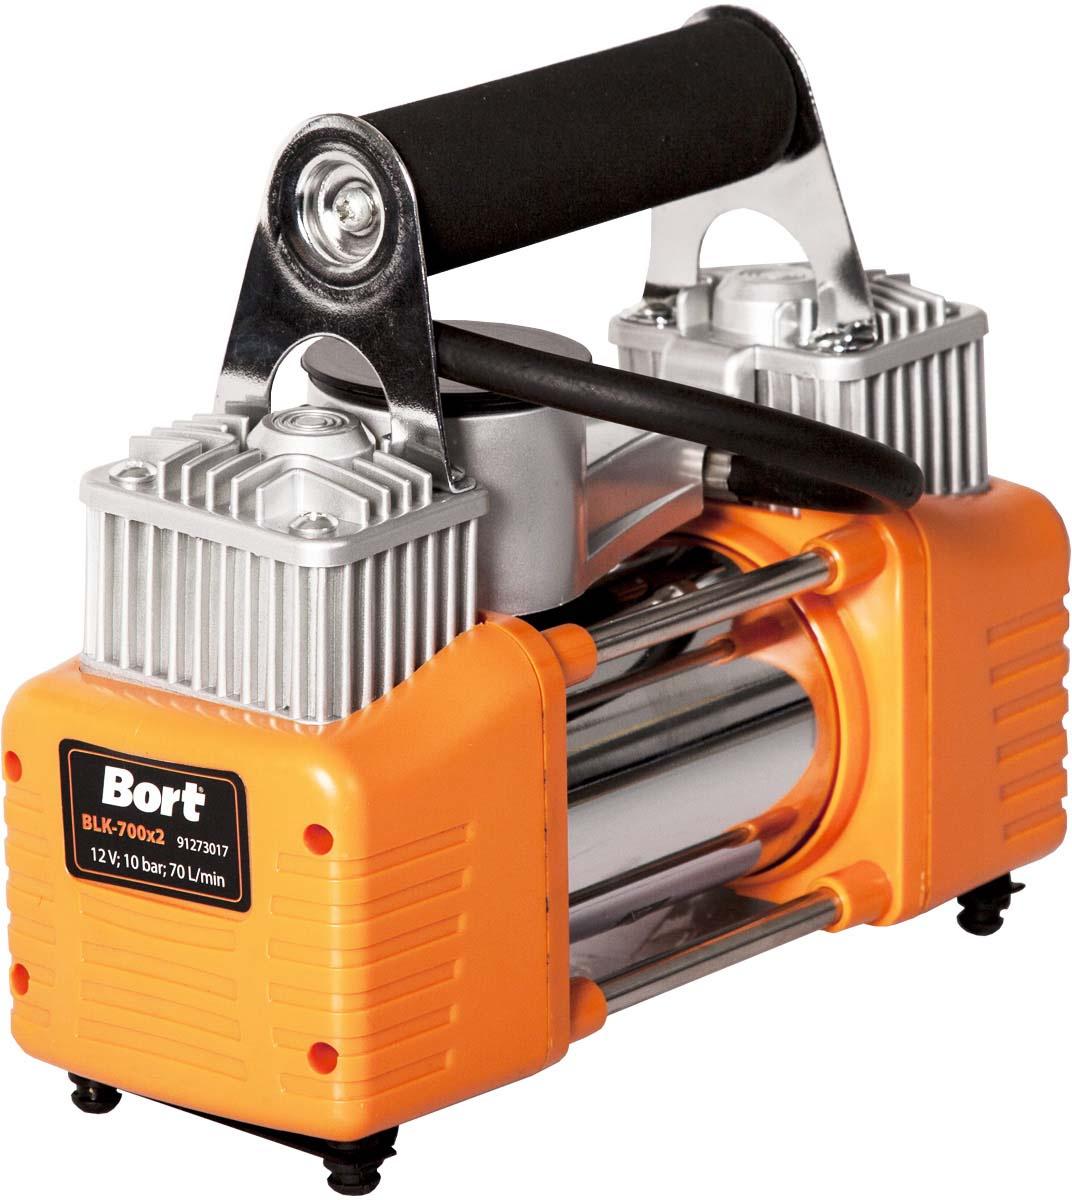 Автомобильный компрессор Bort BLK-700x2 автомобильный компрессор bort blk 350